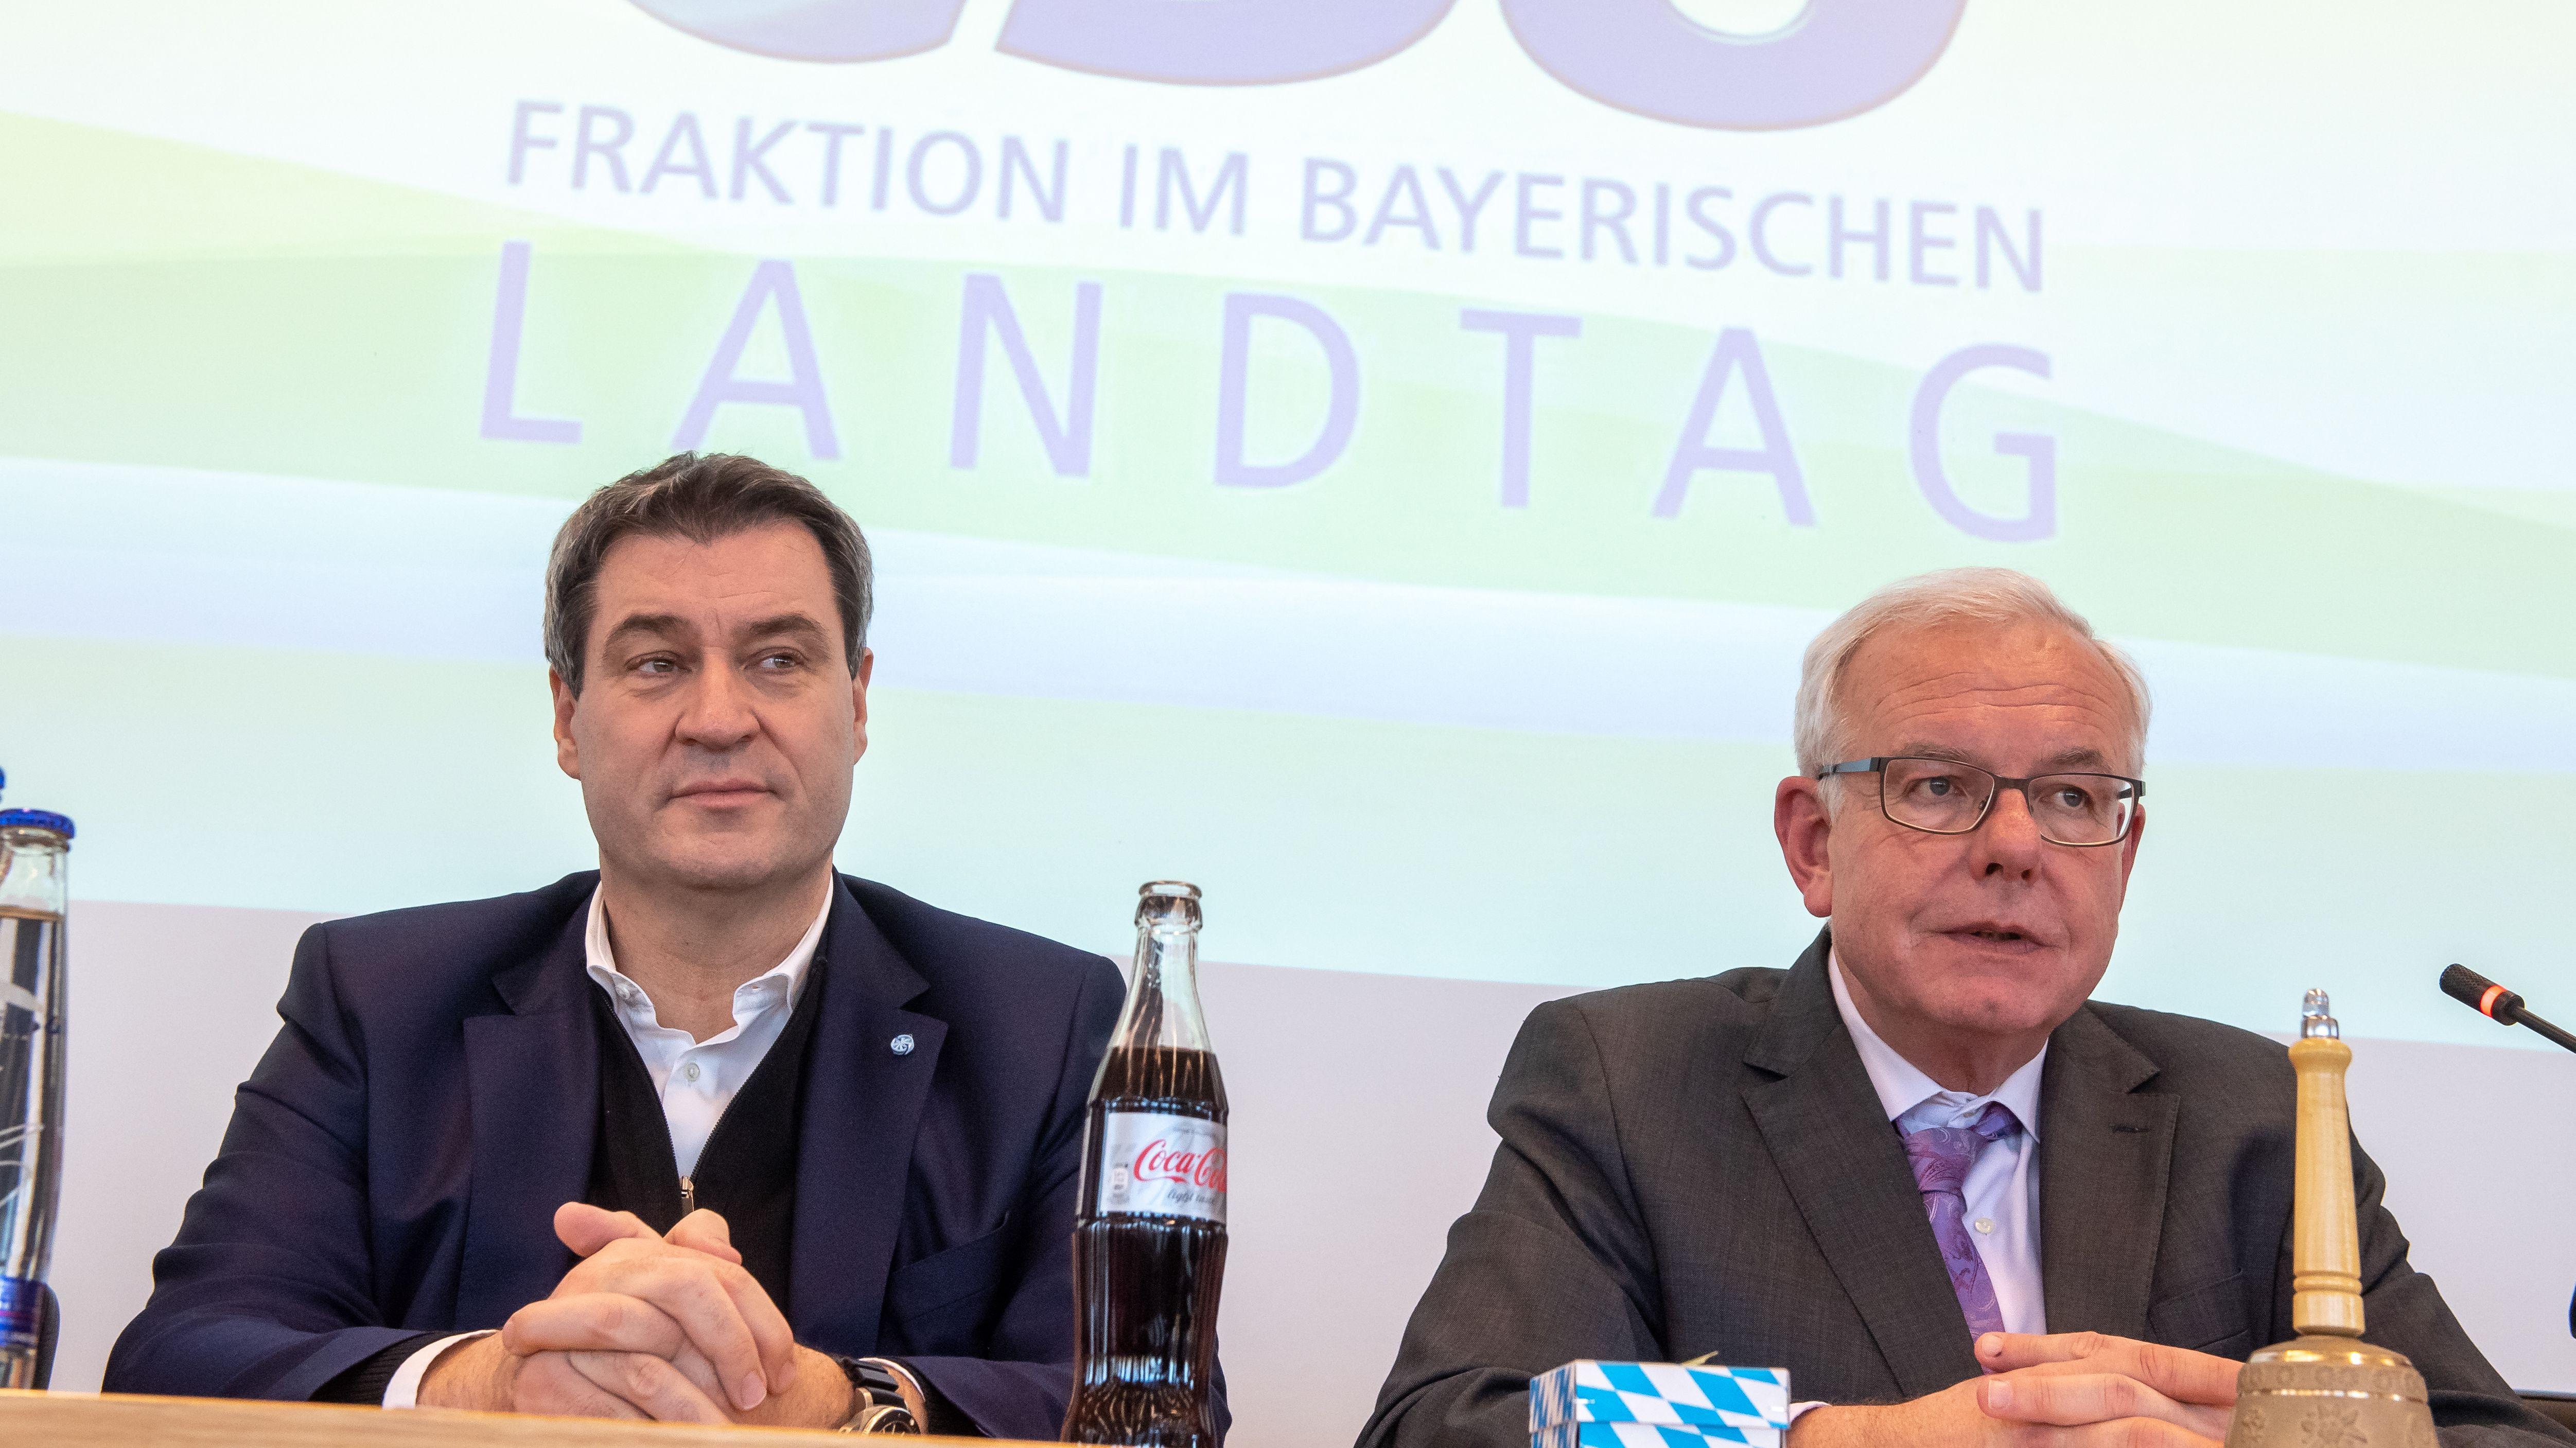 Ministerpräsident Markus Söder und CSU-Fraktionschef Thomas Kreuzer bei einer Fraktionssitzung am 20. März 2019